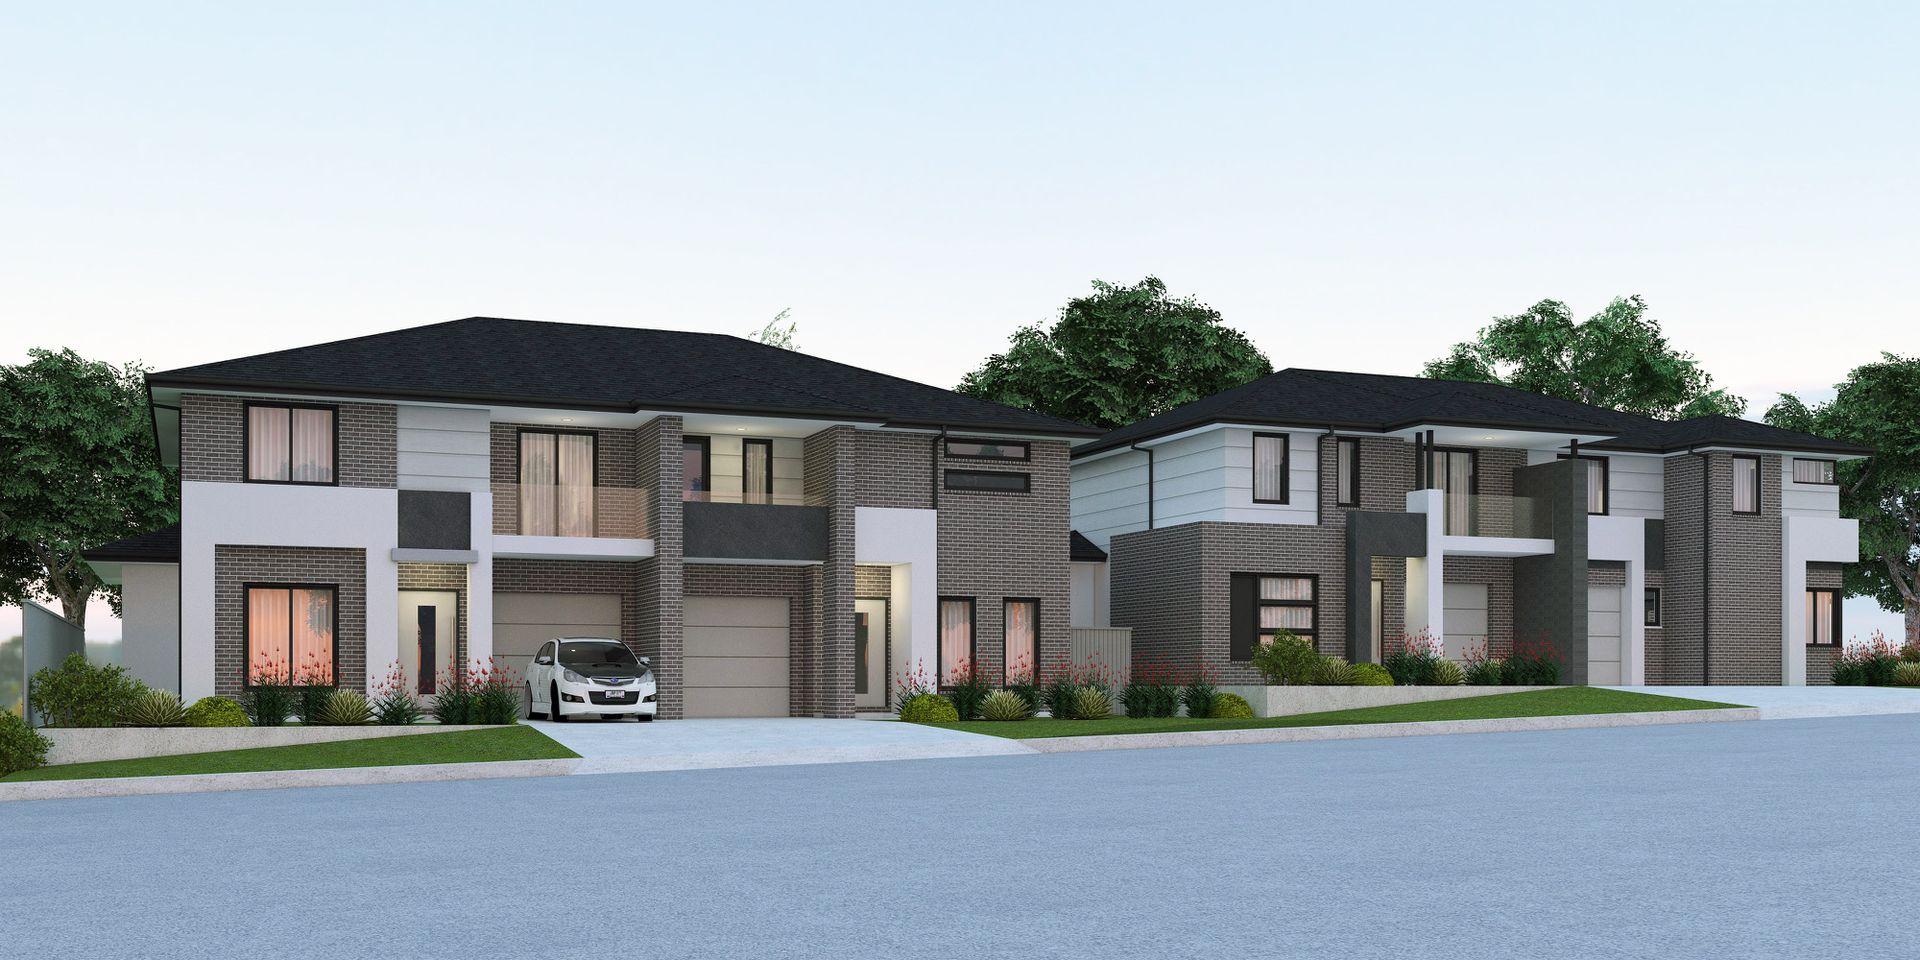 3/80 Oramzi Rd, Girraween NSW 2145, Image 1